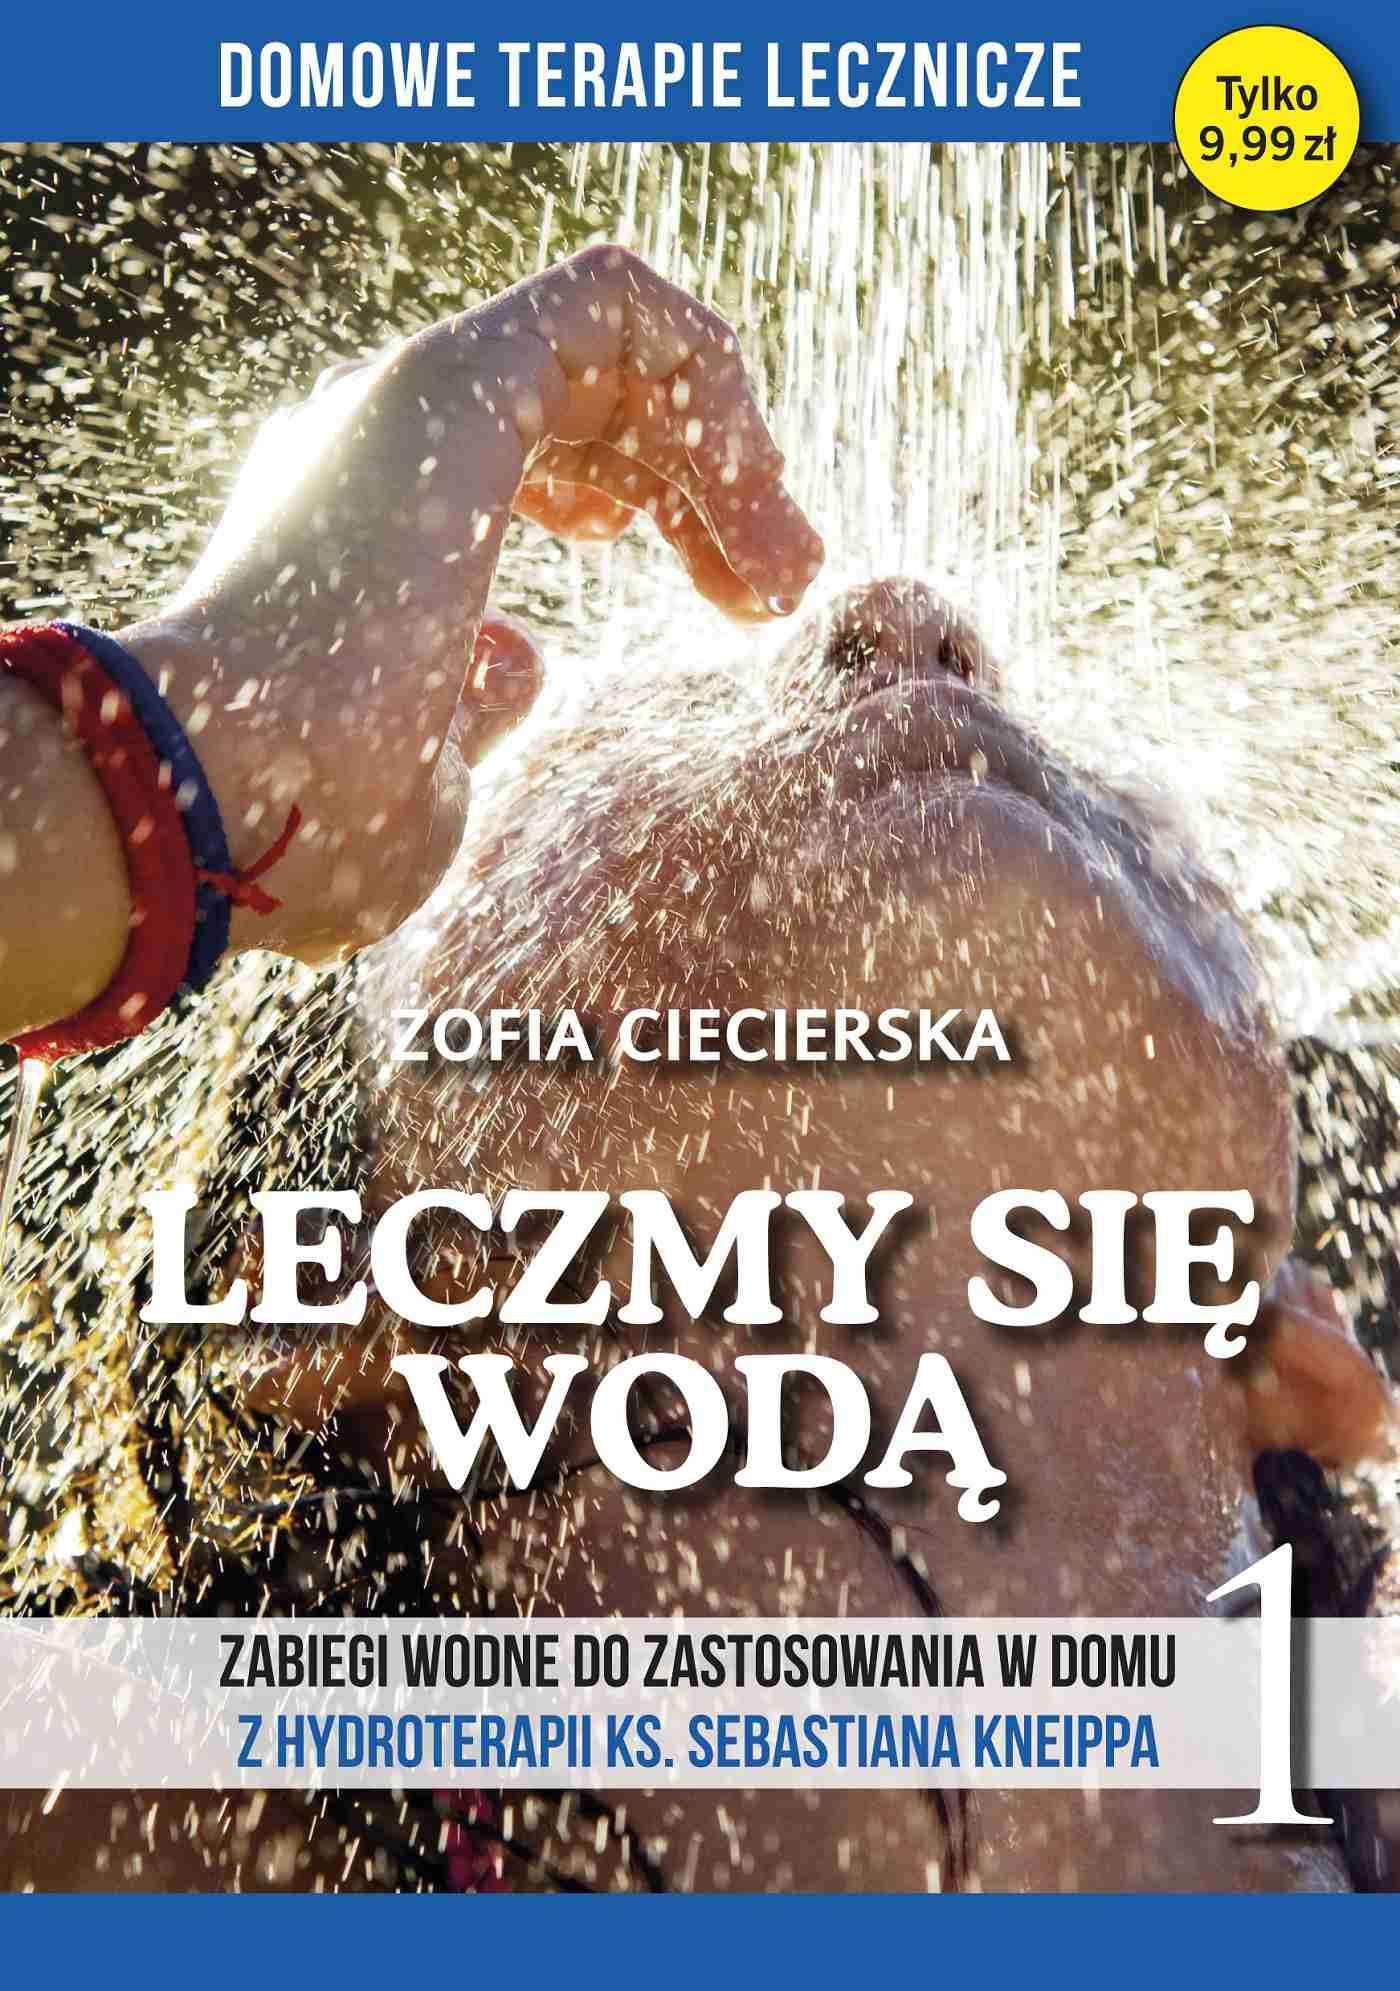 Leczmy się wodą. Zabiegi wodne do zastosowania w domu z hydroterapii ks. Sebastiana Kneippa tom 1 - Ebook (Książka na Kindle) do pobrania w formacie MOBI